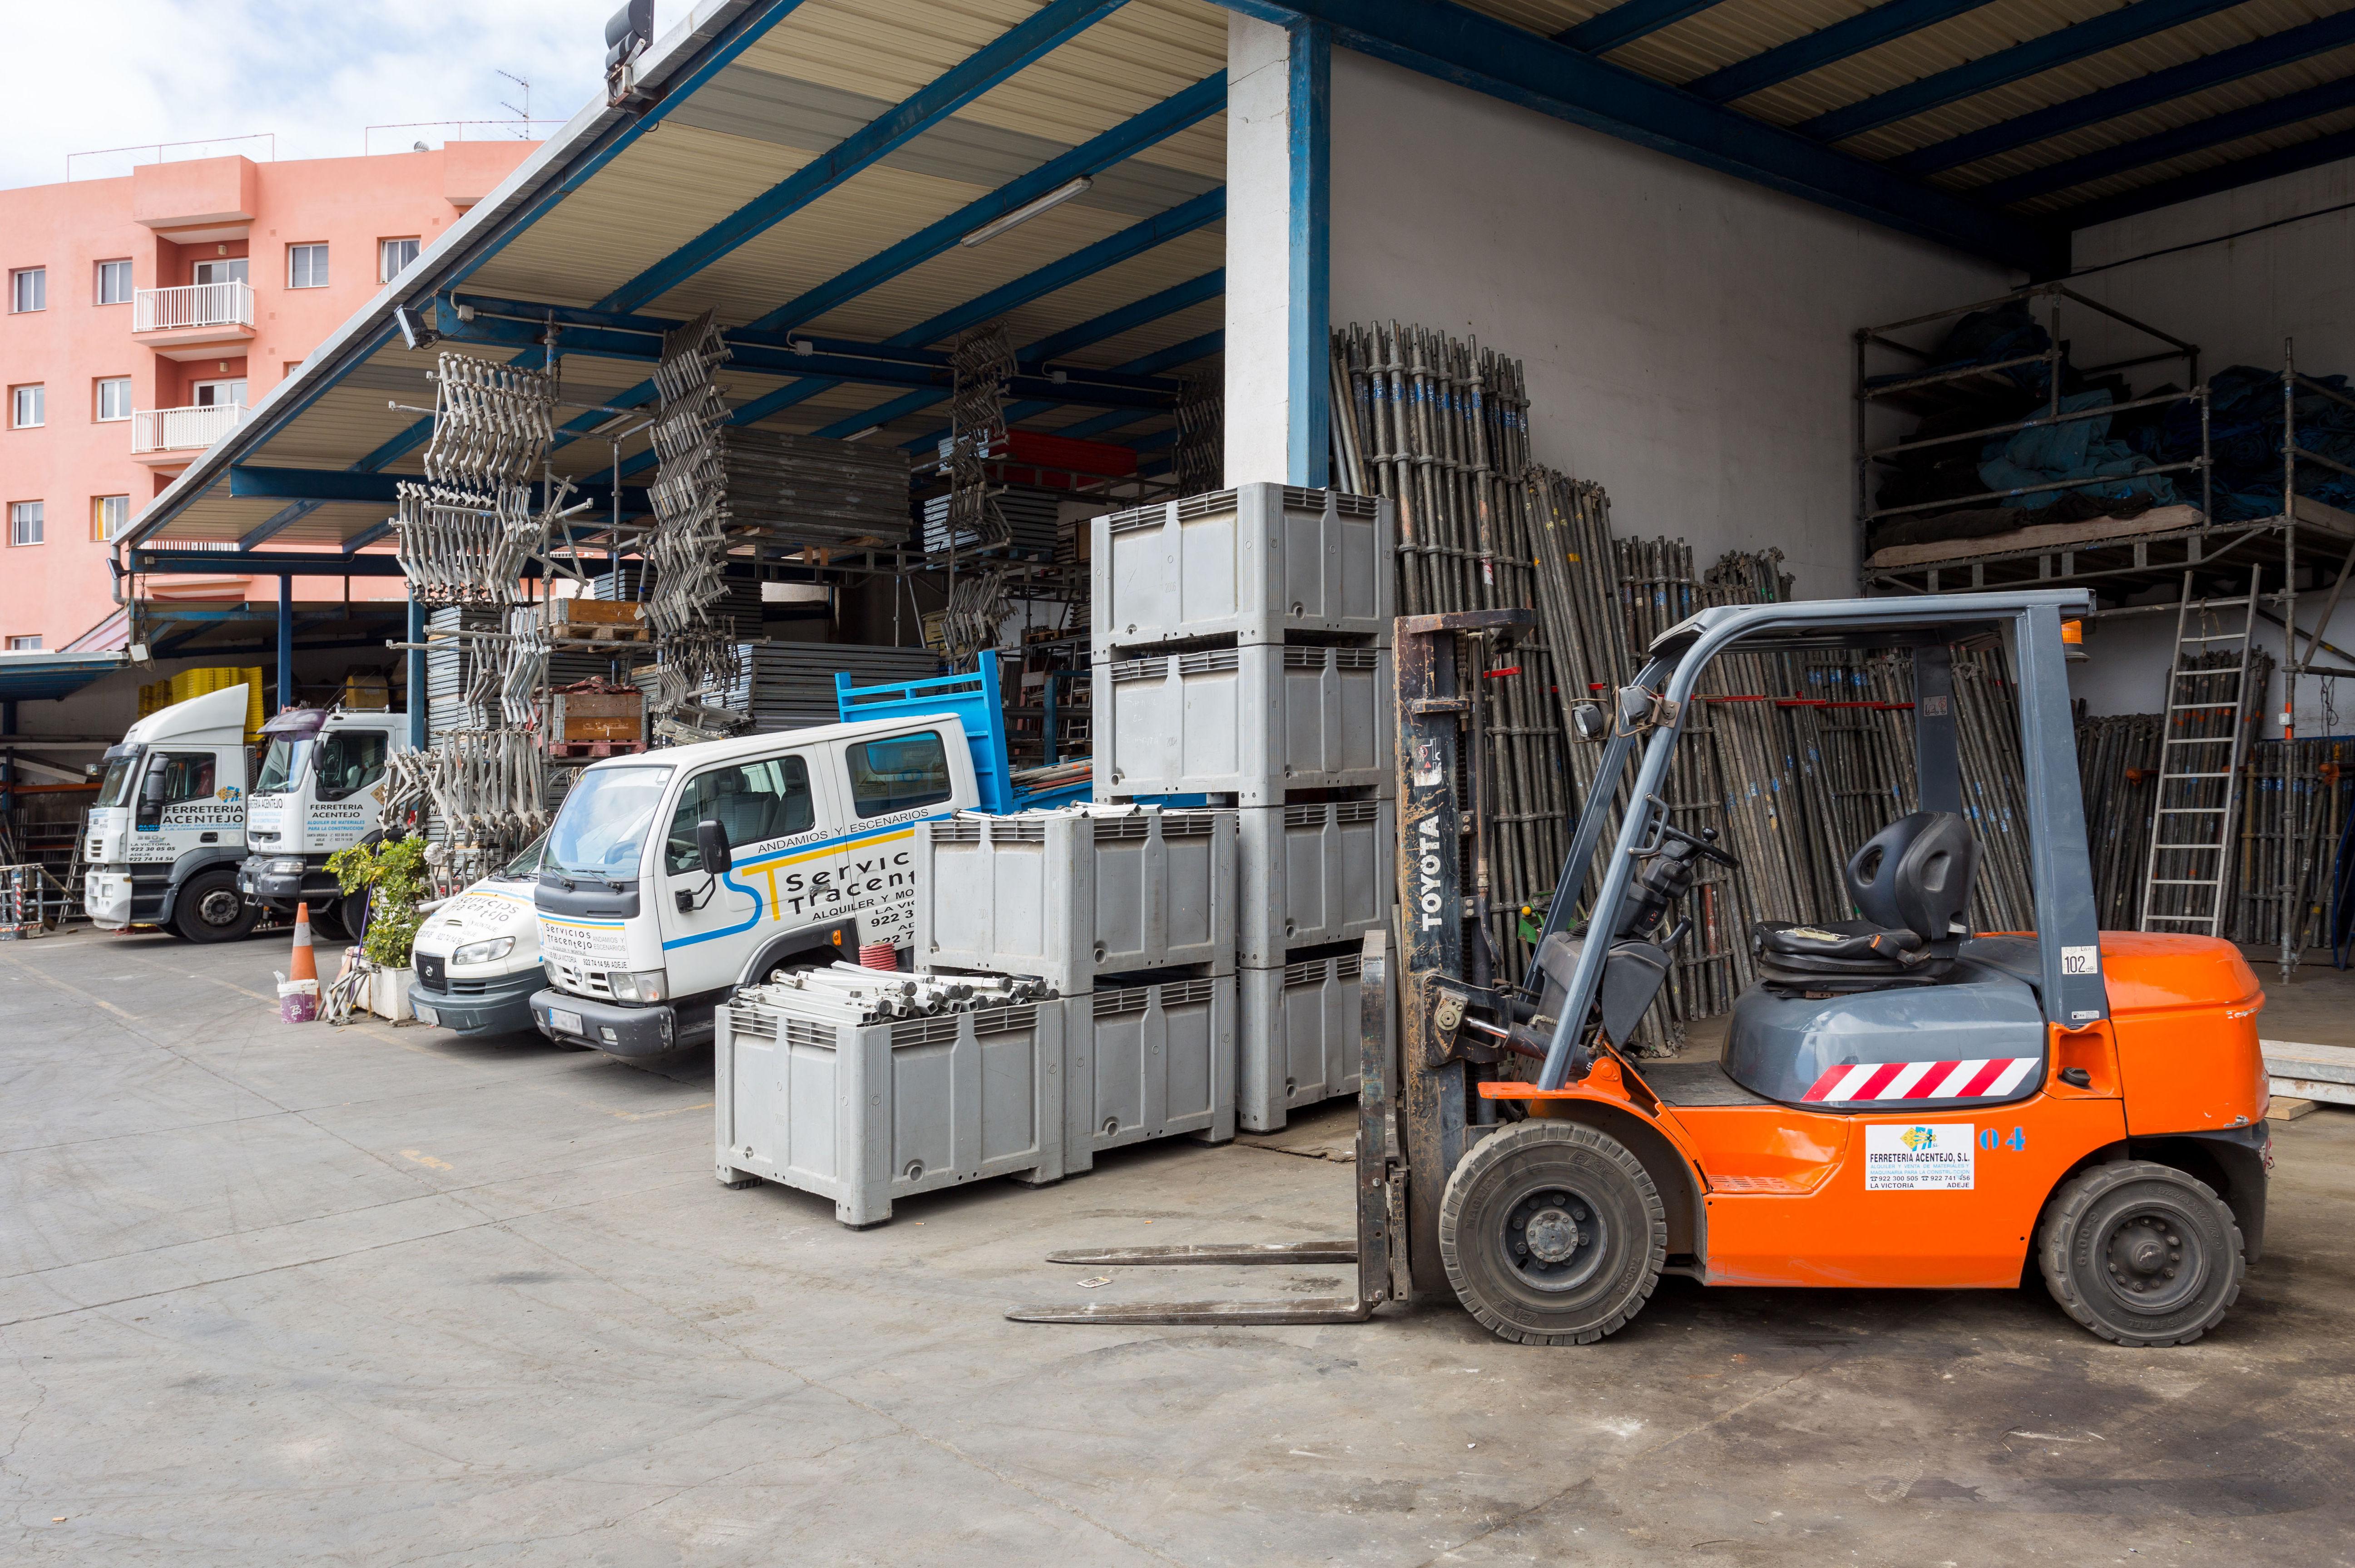 Foto 18 de Máquinas herramienta en La Victoria de Acentejo | Ferretería Acentejo, S.L.